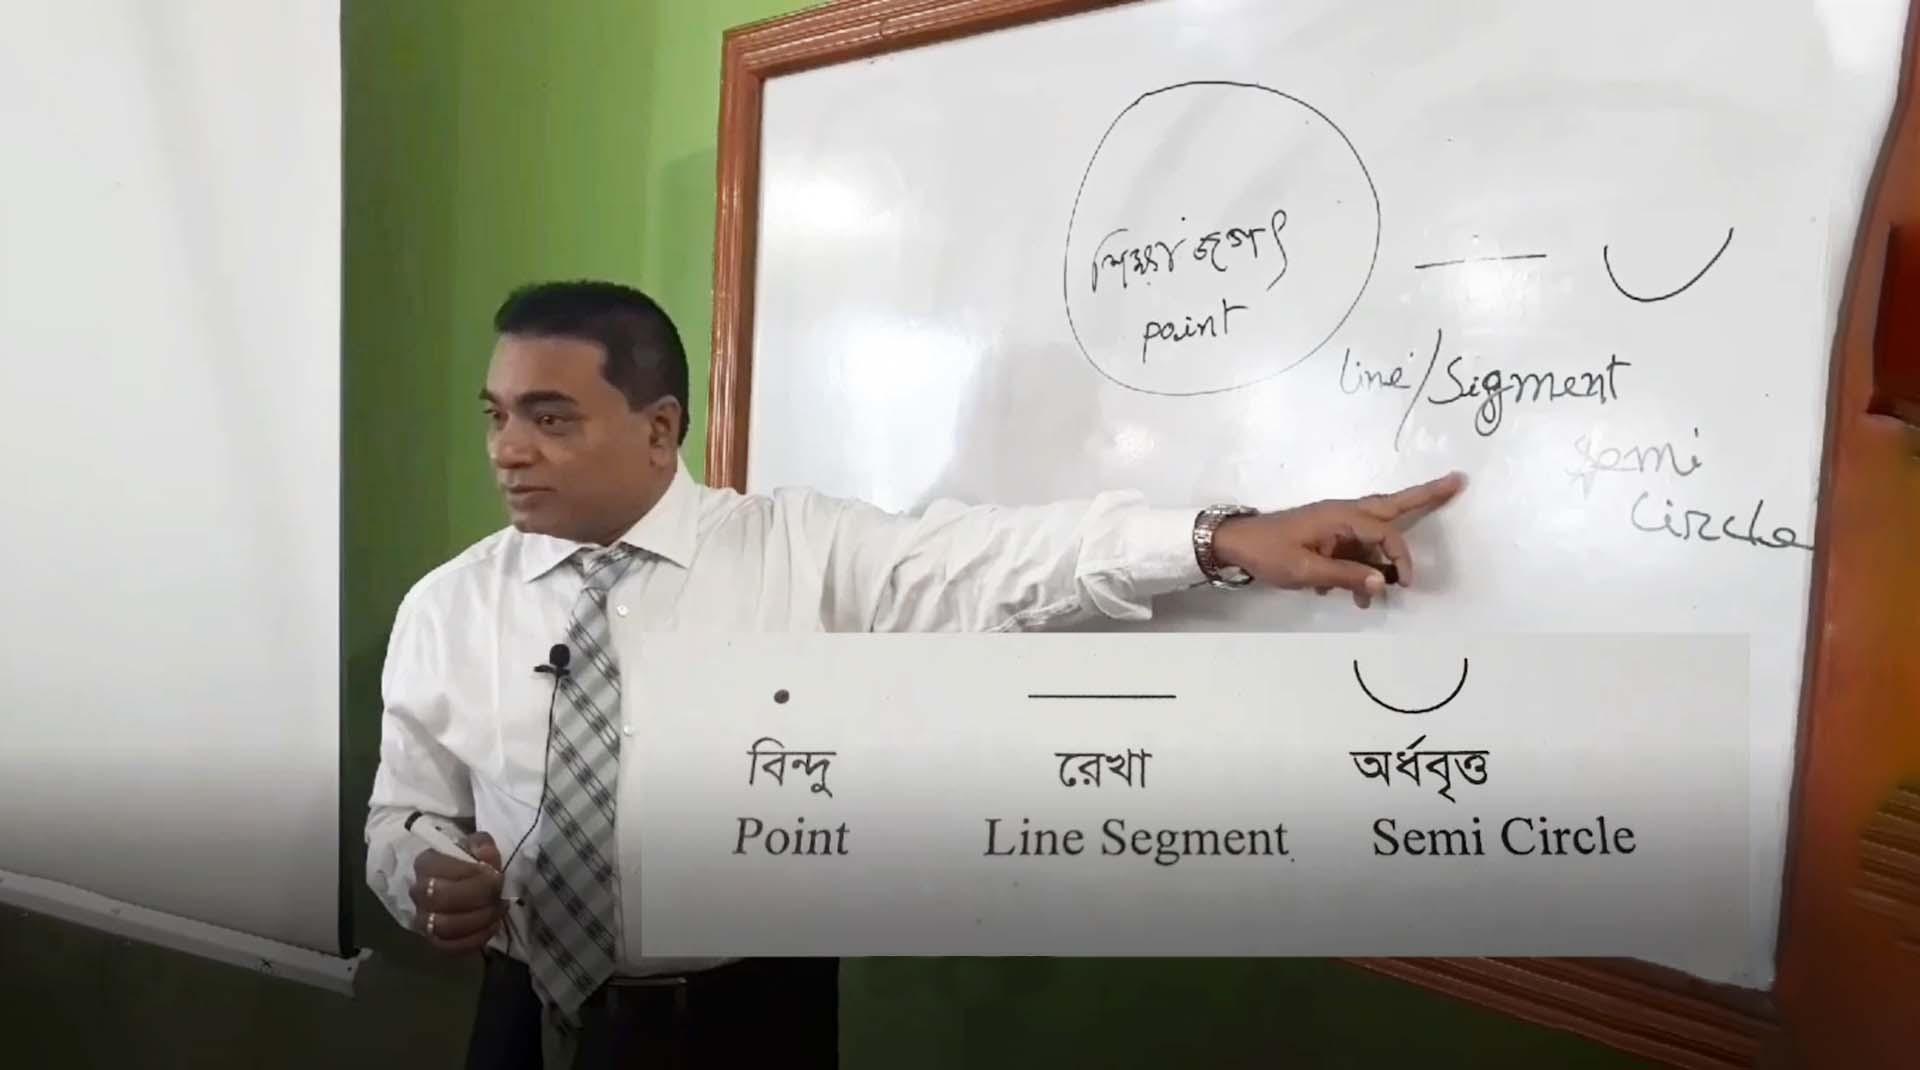 আলো ছড়াচ্ছেন রবীন্দ্র নারায়ণ ভট্টাচার্য্য